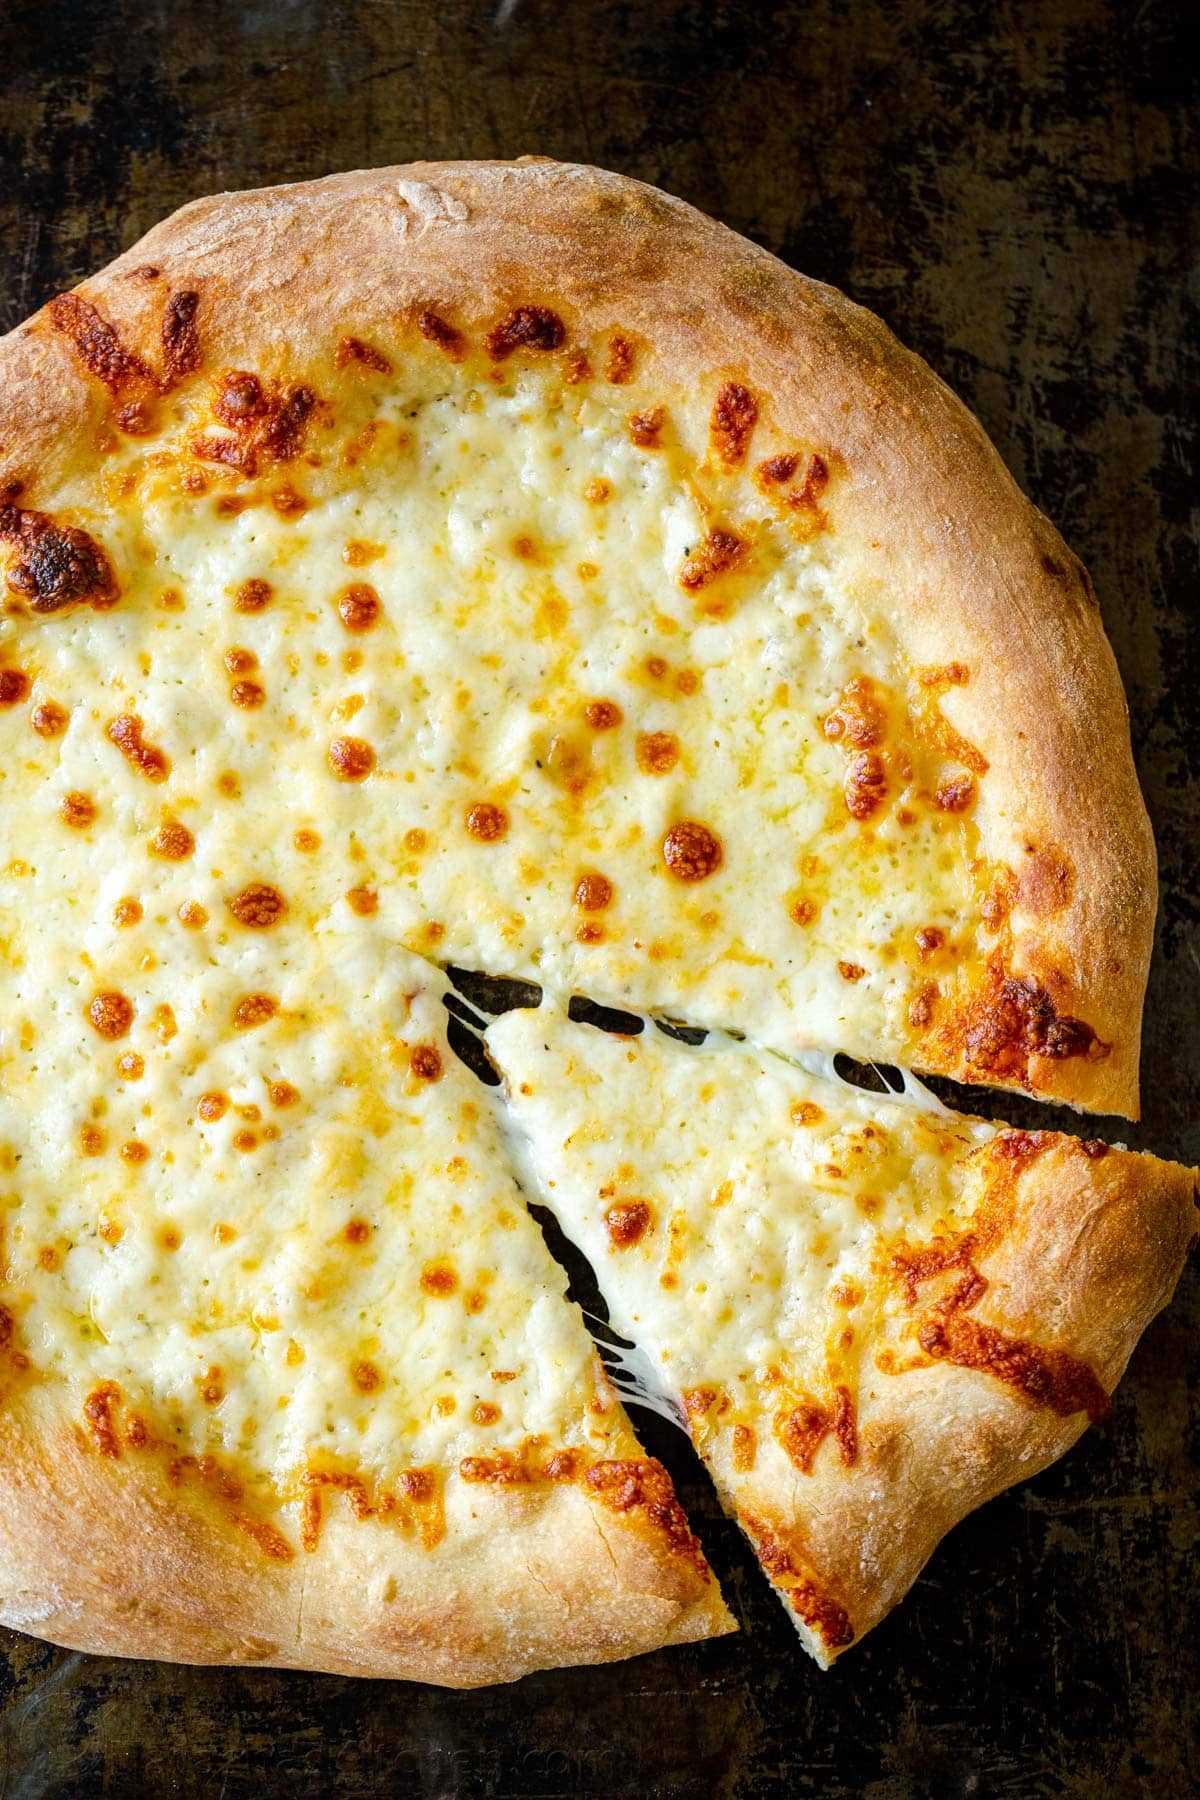 Masa De Pizza La Mejor Masa De Pizza Video Receta Fácil Y Saludable